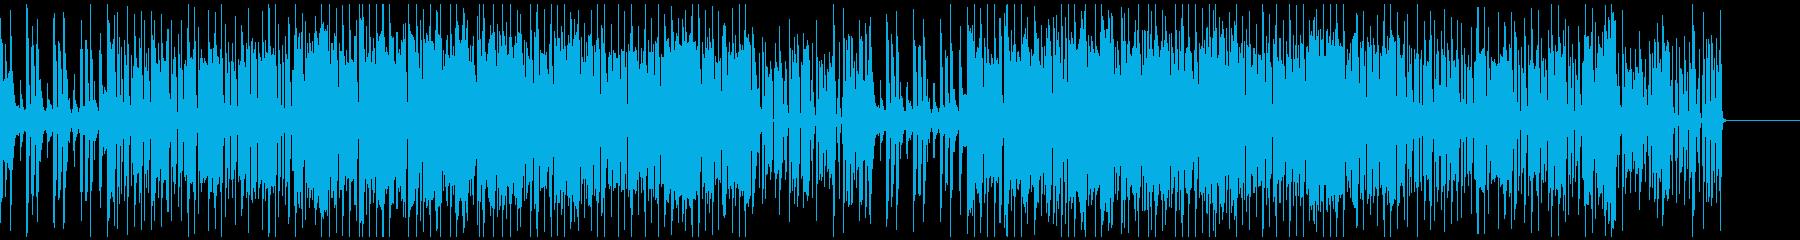 ファンクギターによるグルーブの追求の再生済みの波形